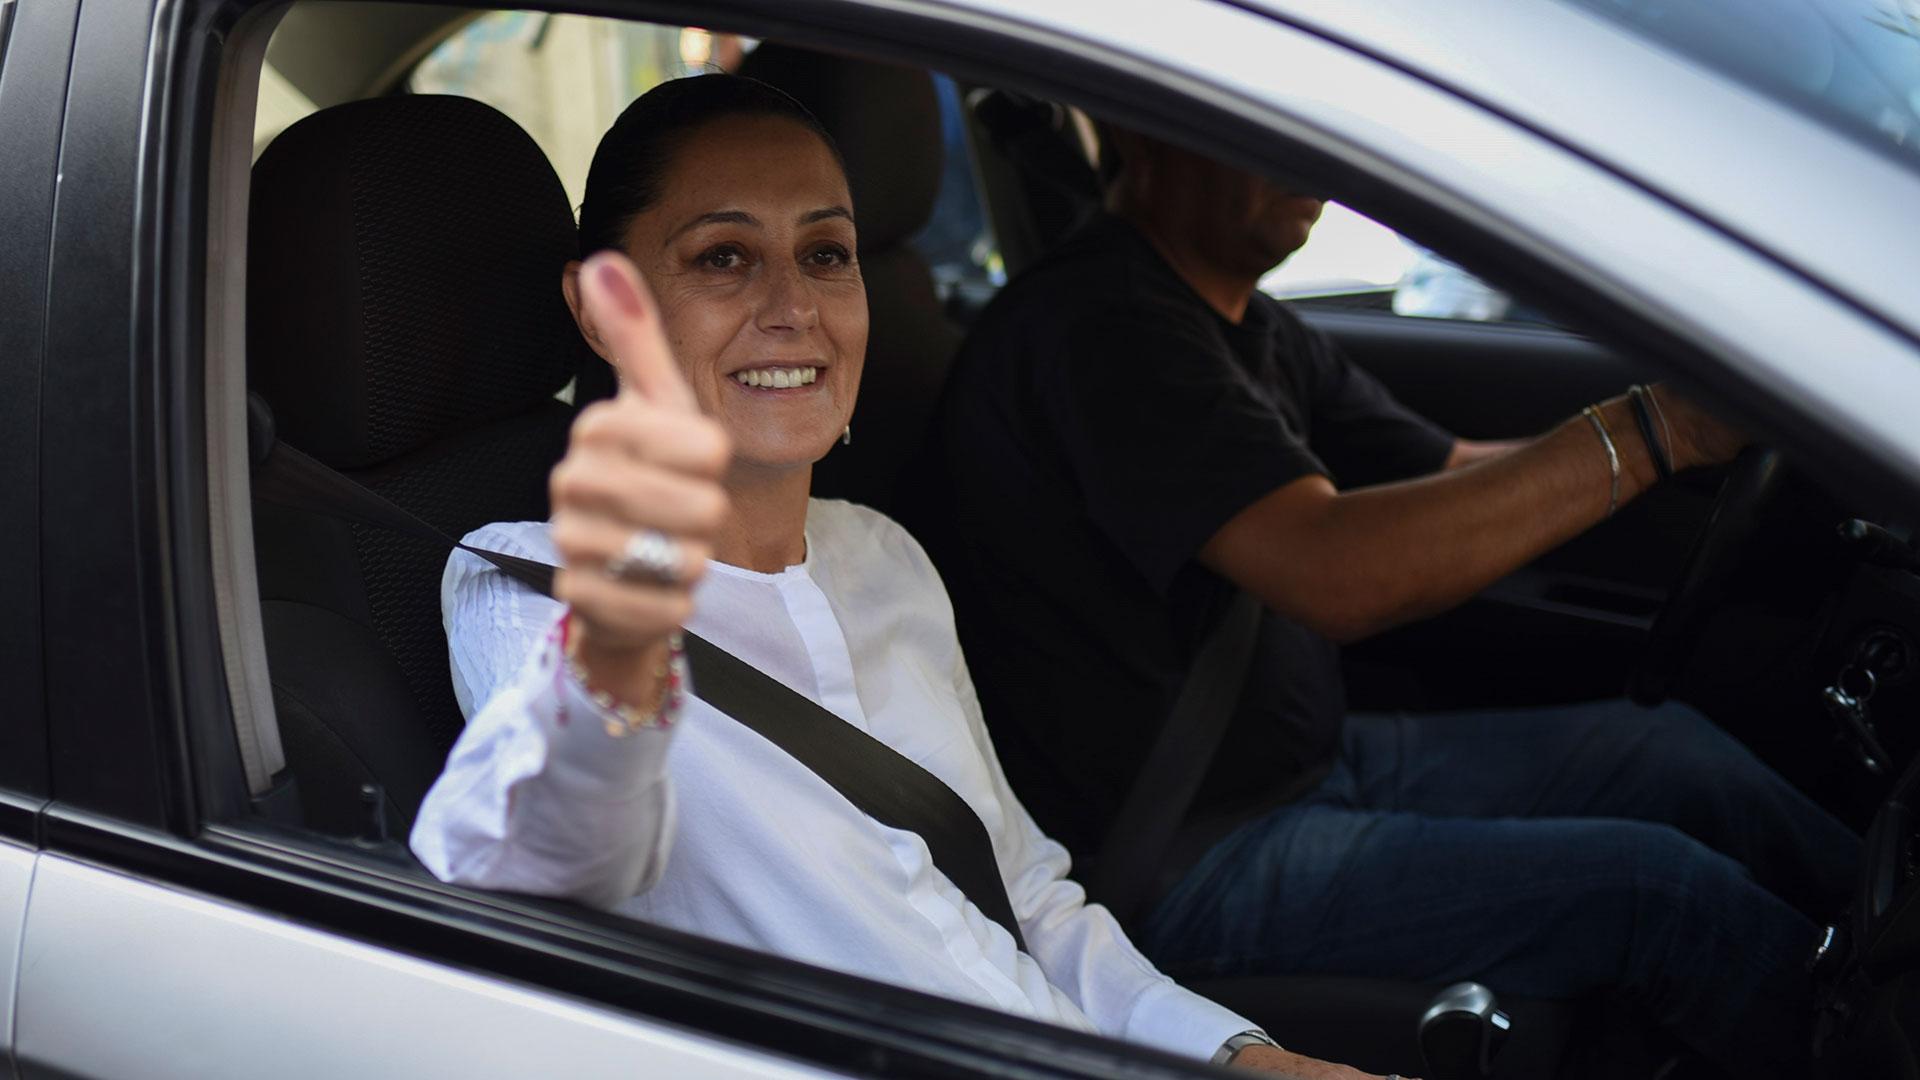 La jefa de gobierno anunció que usará su auto para trasladarse en lugar de un vehículo oficial (AFP)